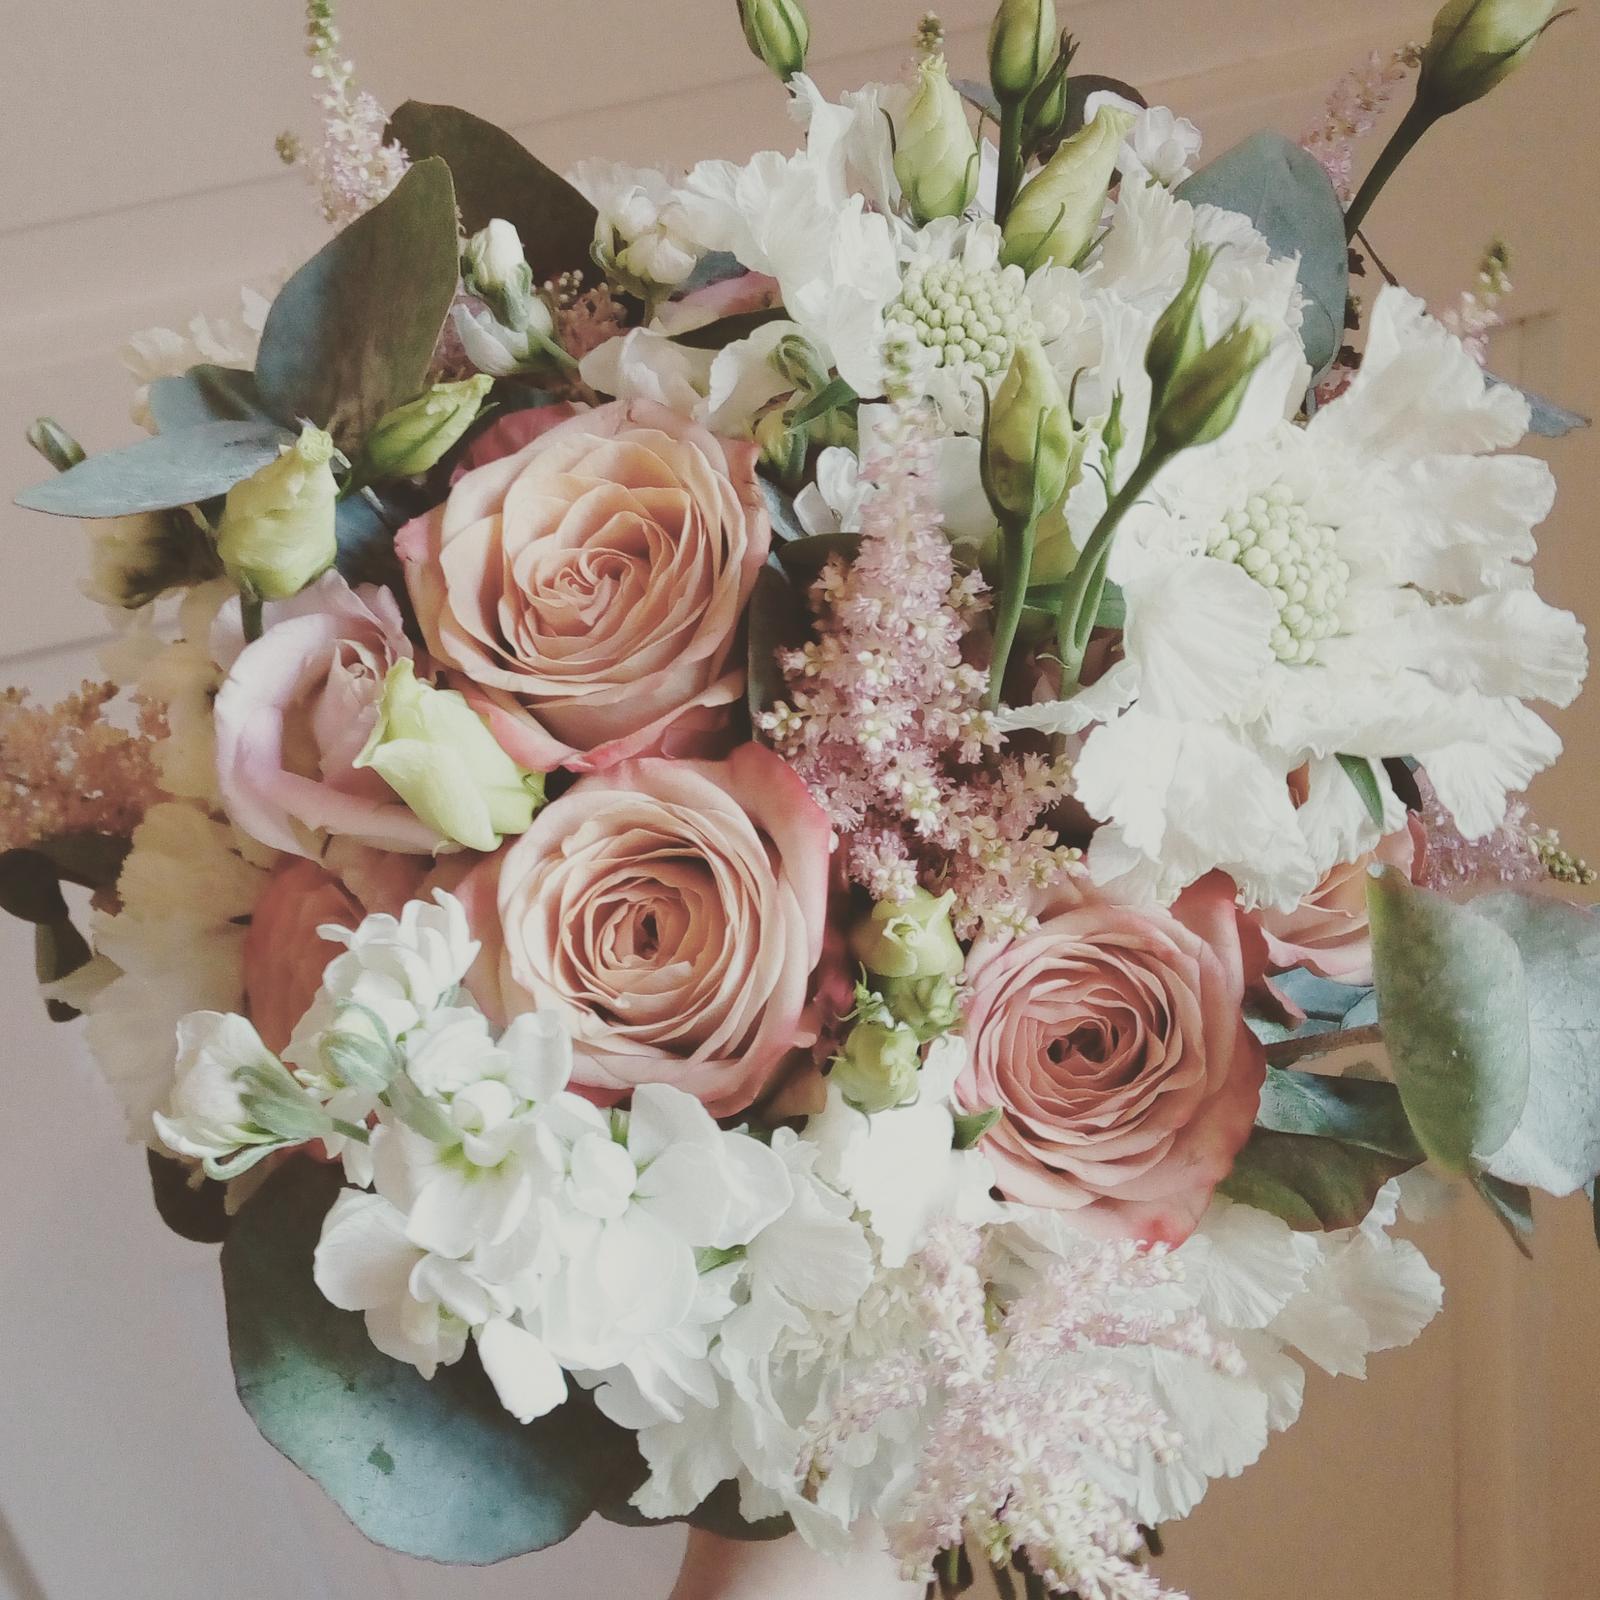 """Svatební kytice s růžemi """"Cappuccino"""" - Obrázek č. 1"""